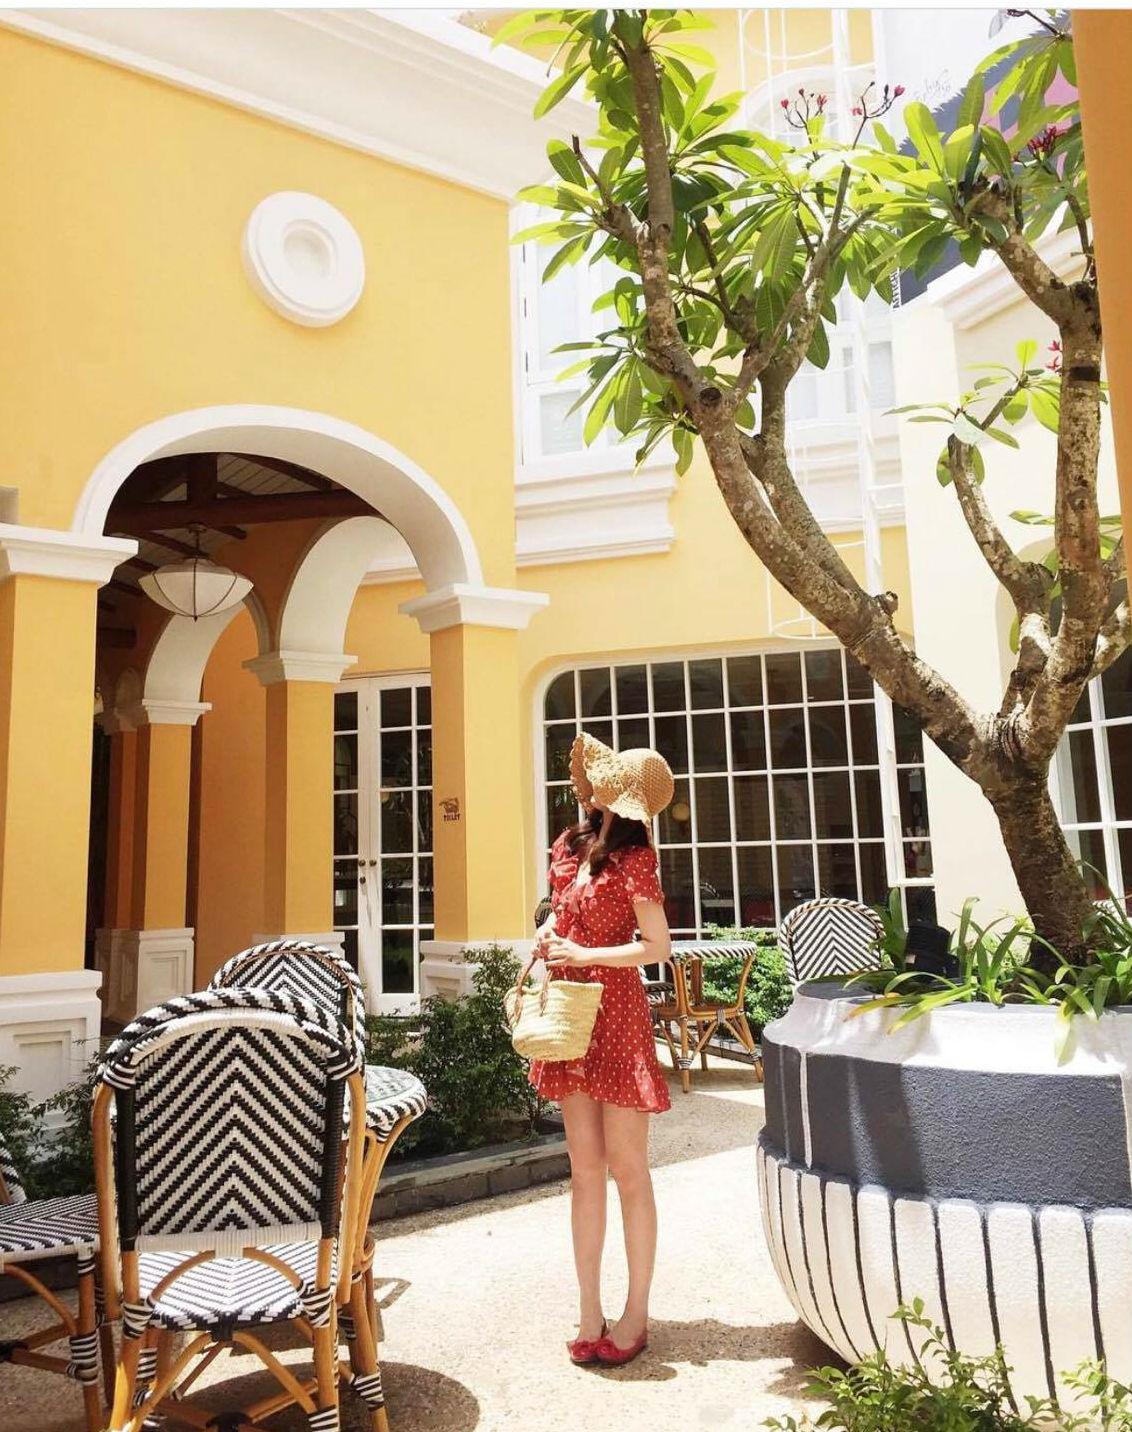 Xem xong MV Có em chờ, lại thêm lý do để tin rằng JW Marriott Phú Quốc chính là resort đáng đi nhất hè này! - Ảnh 40.